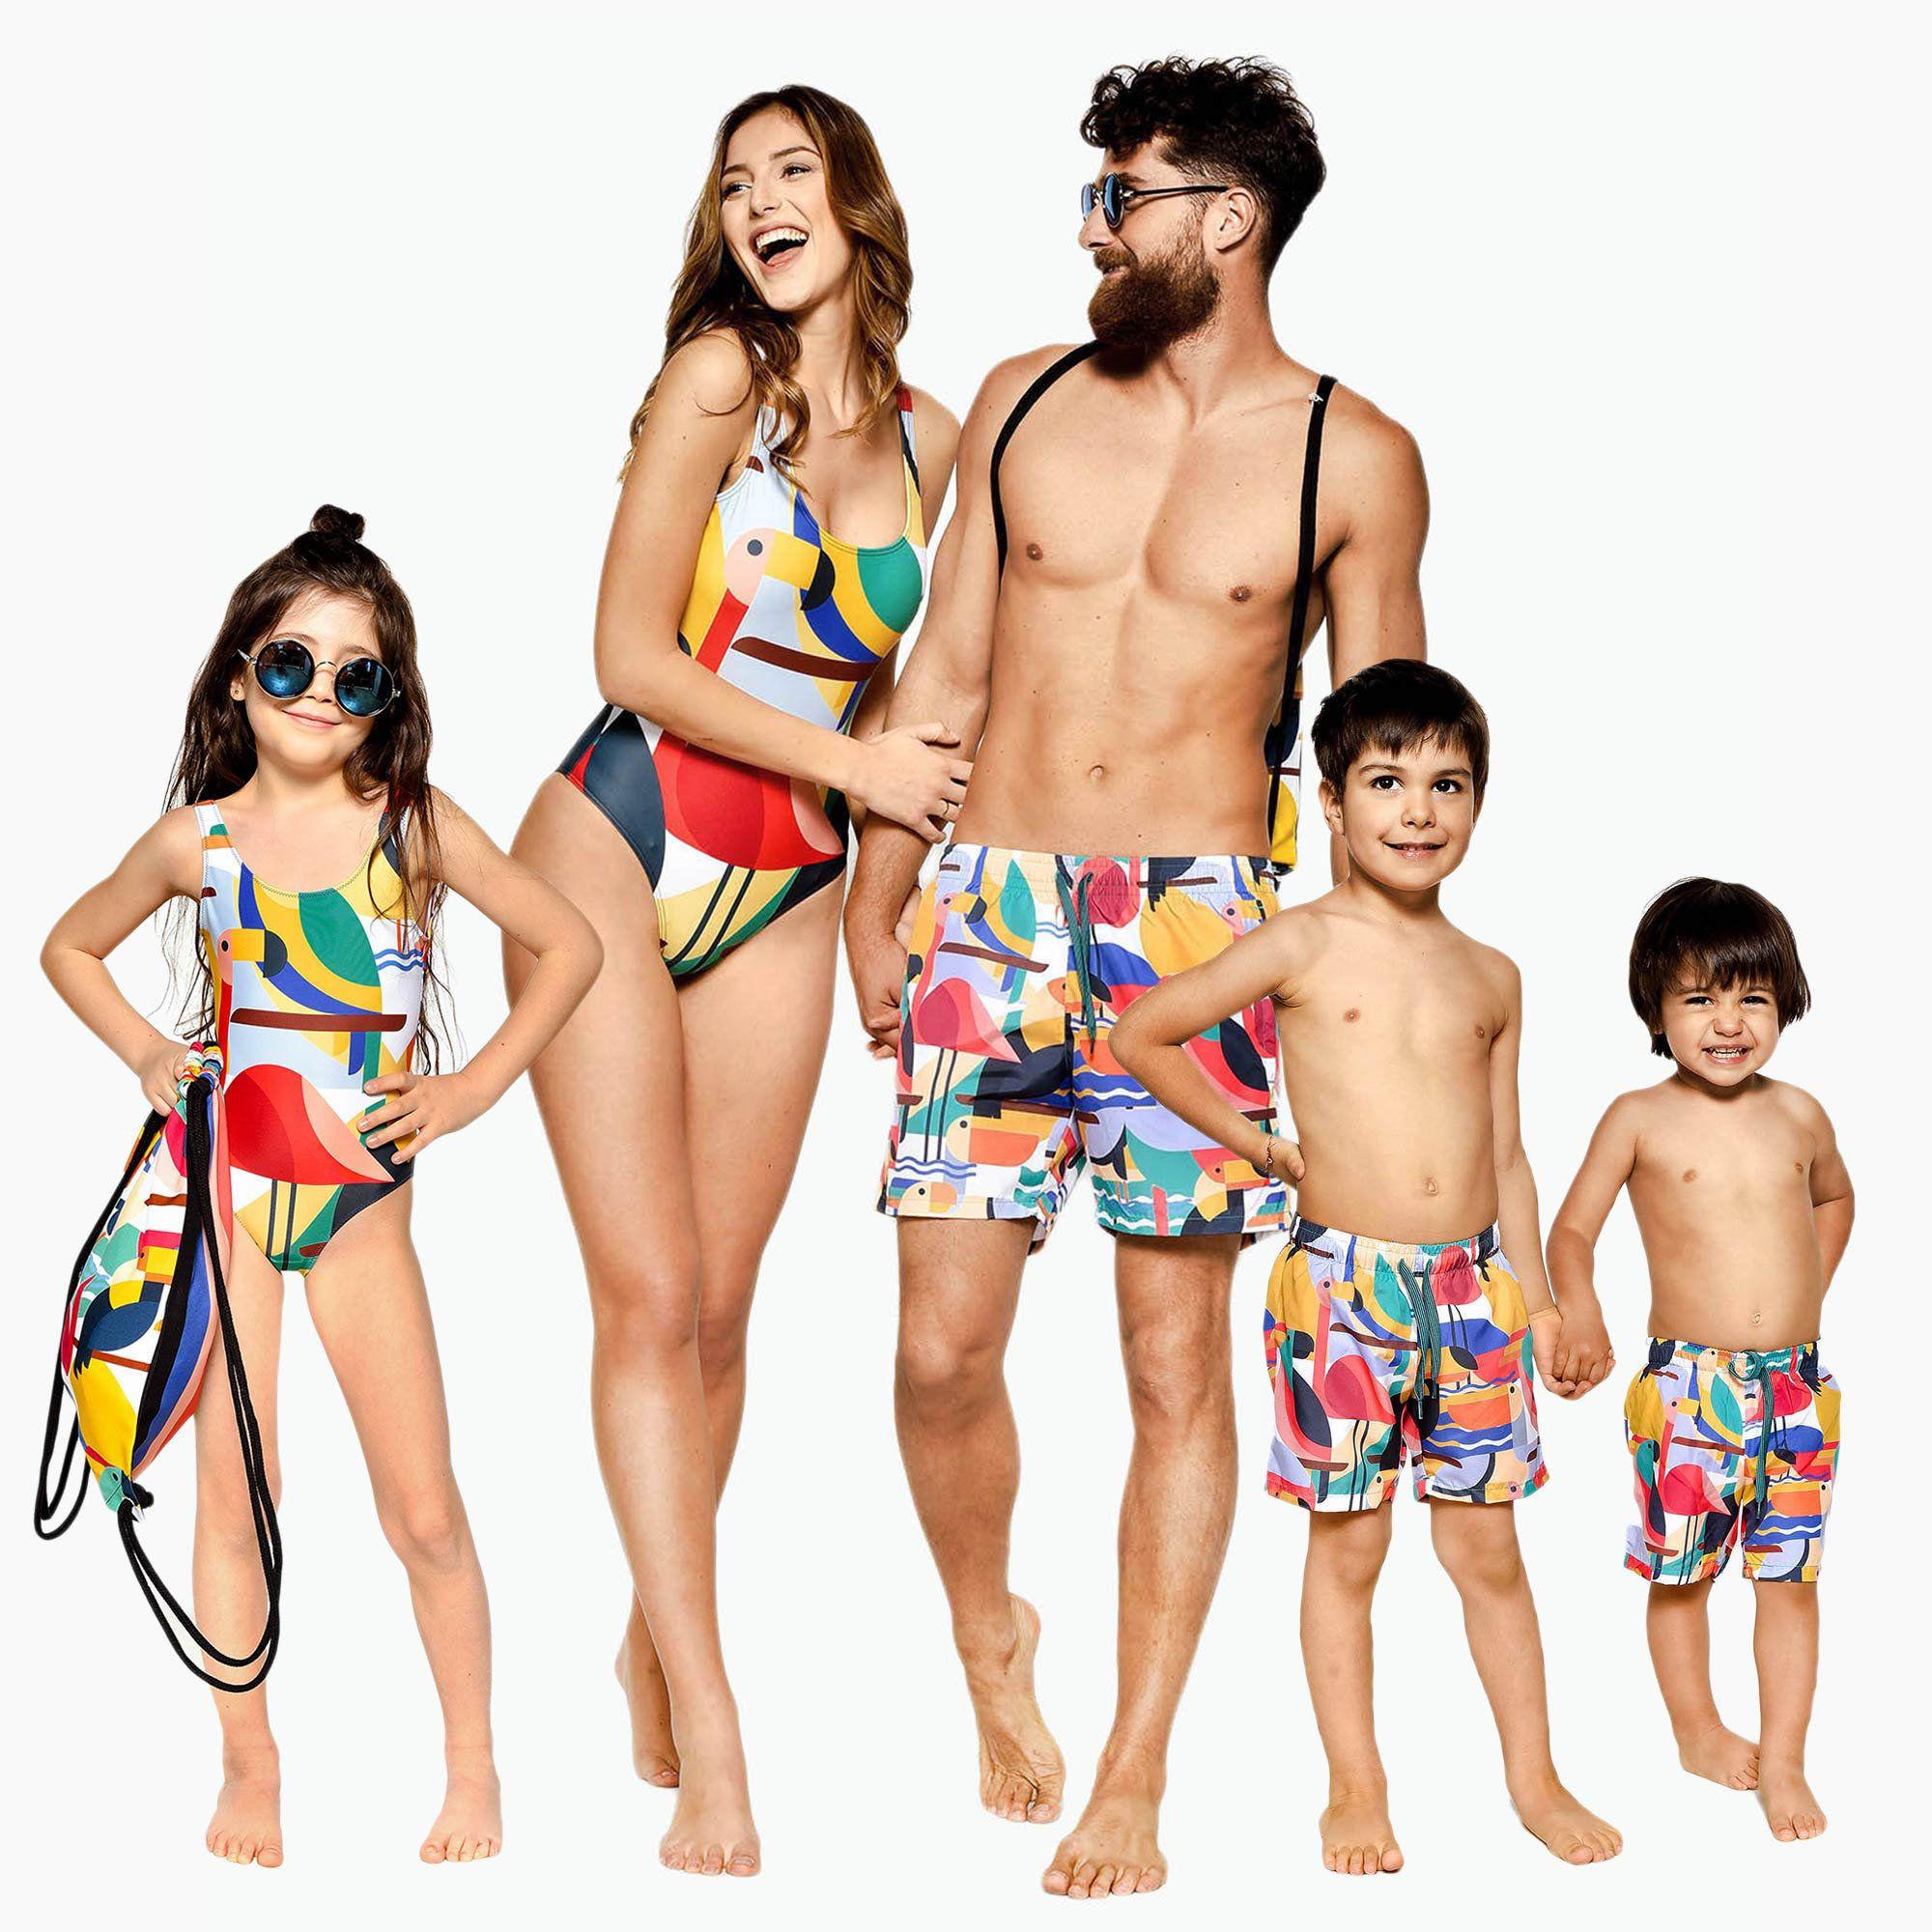 cf61fb1568 Family Matching Swimsuits, Flamingo Swimsuits, Family Matching Swimwear,  One Piece Swimsuit, Flamingo Clothing, Summer Swimsuit, Swim Shorts